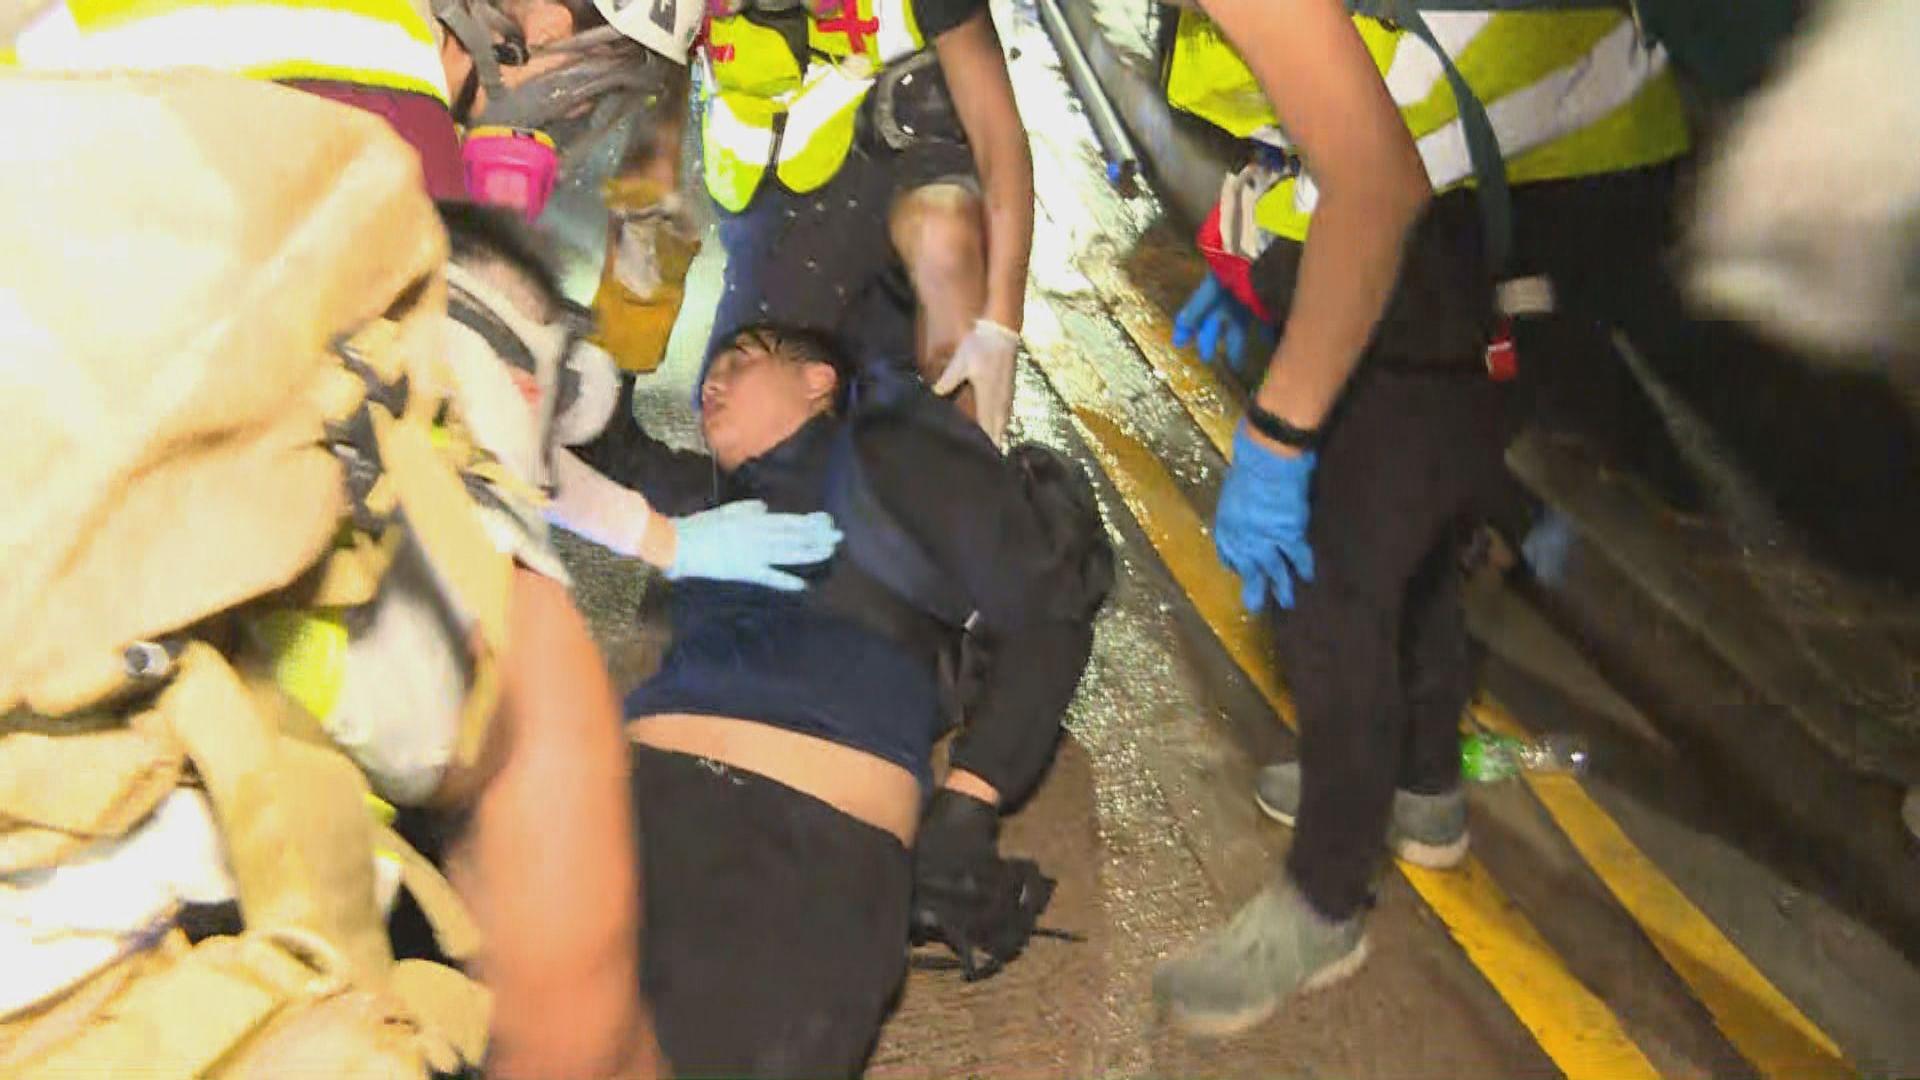 警方中大施放催淚彈 多名學生混亂中受傷